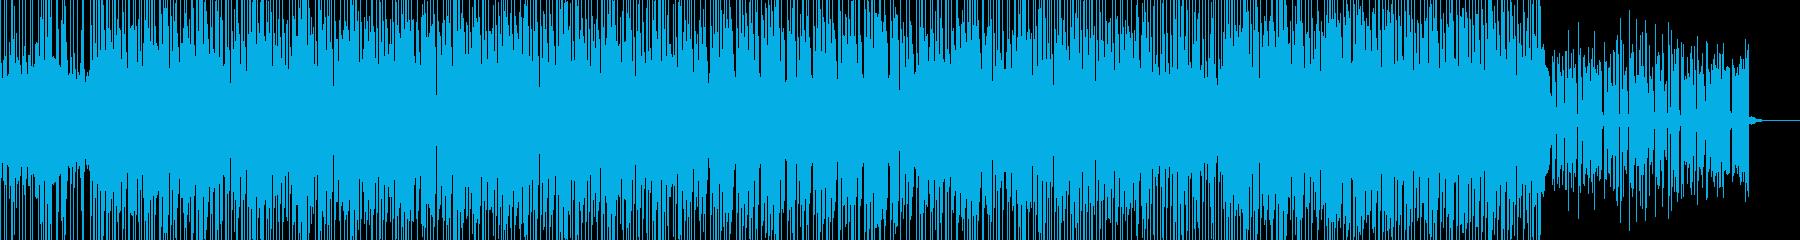 切なくて気丈で前向きな感じのBGMの再生済みの波形